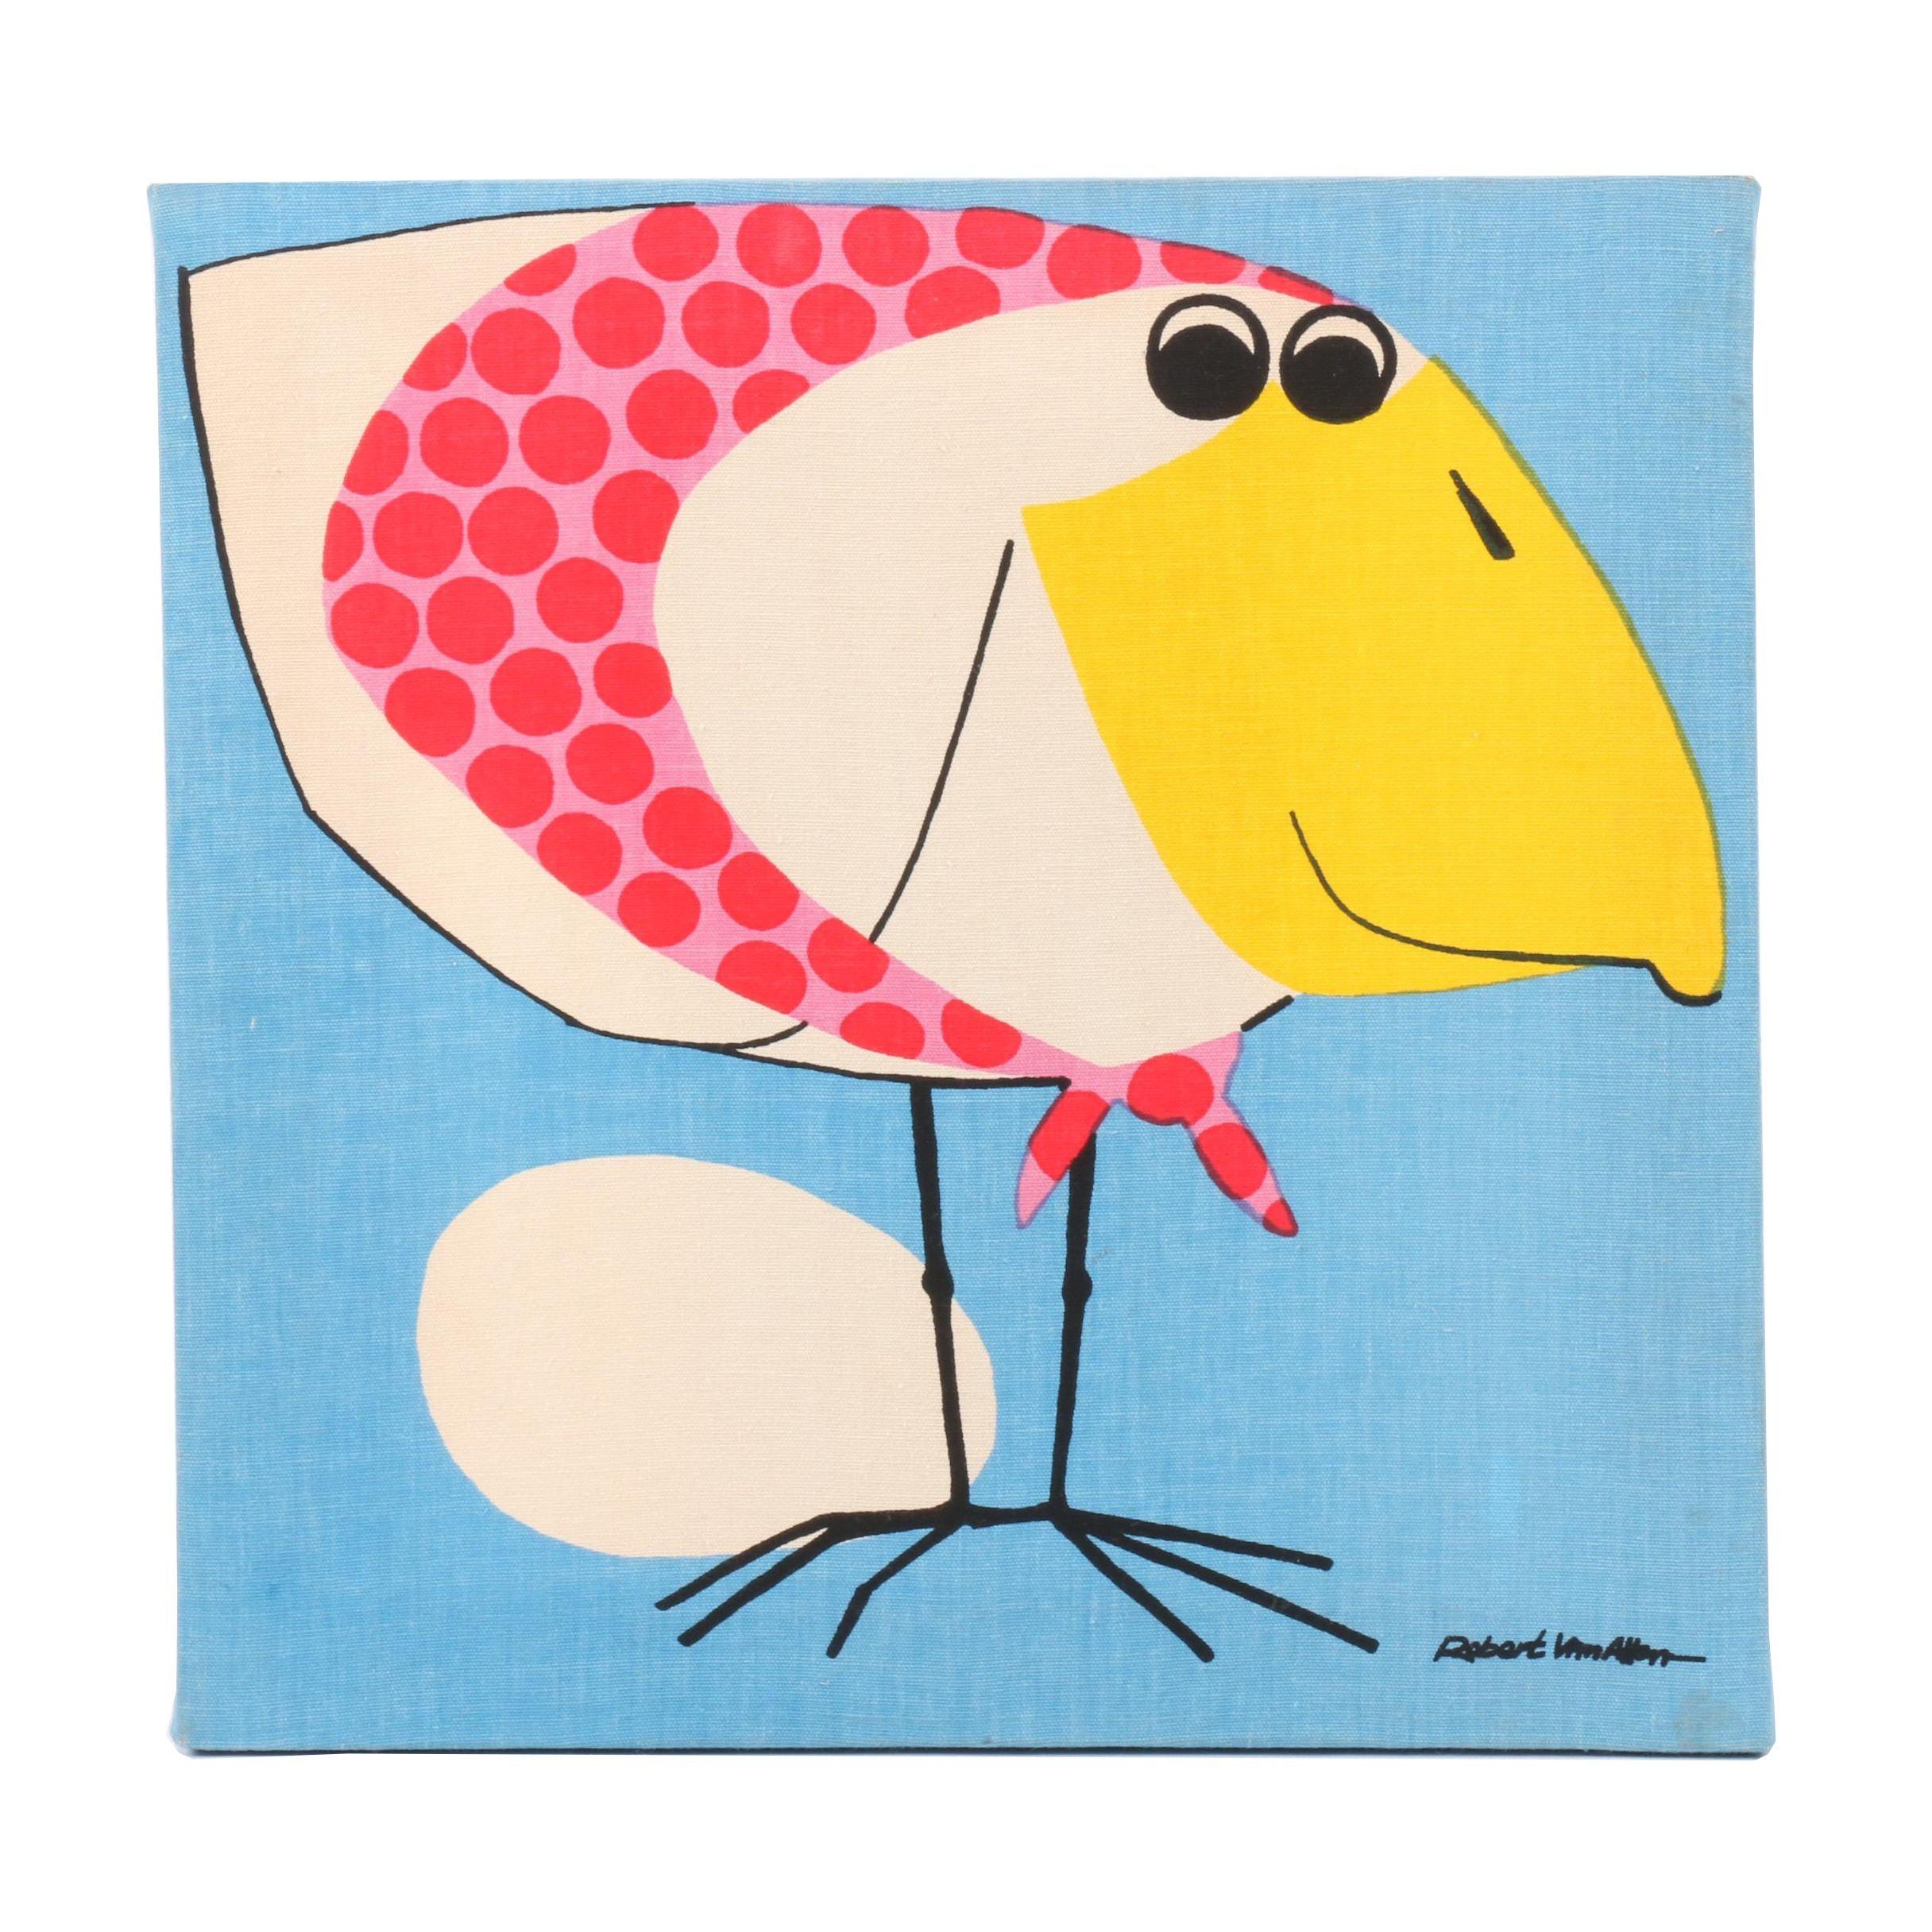 Robert Van Allen Serigraph of Bird with Egg